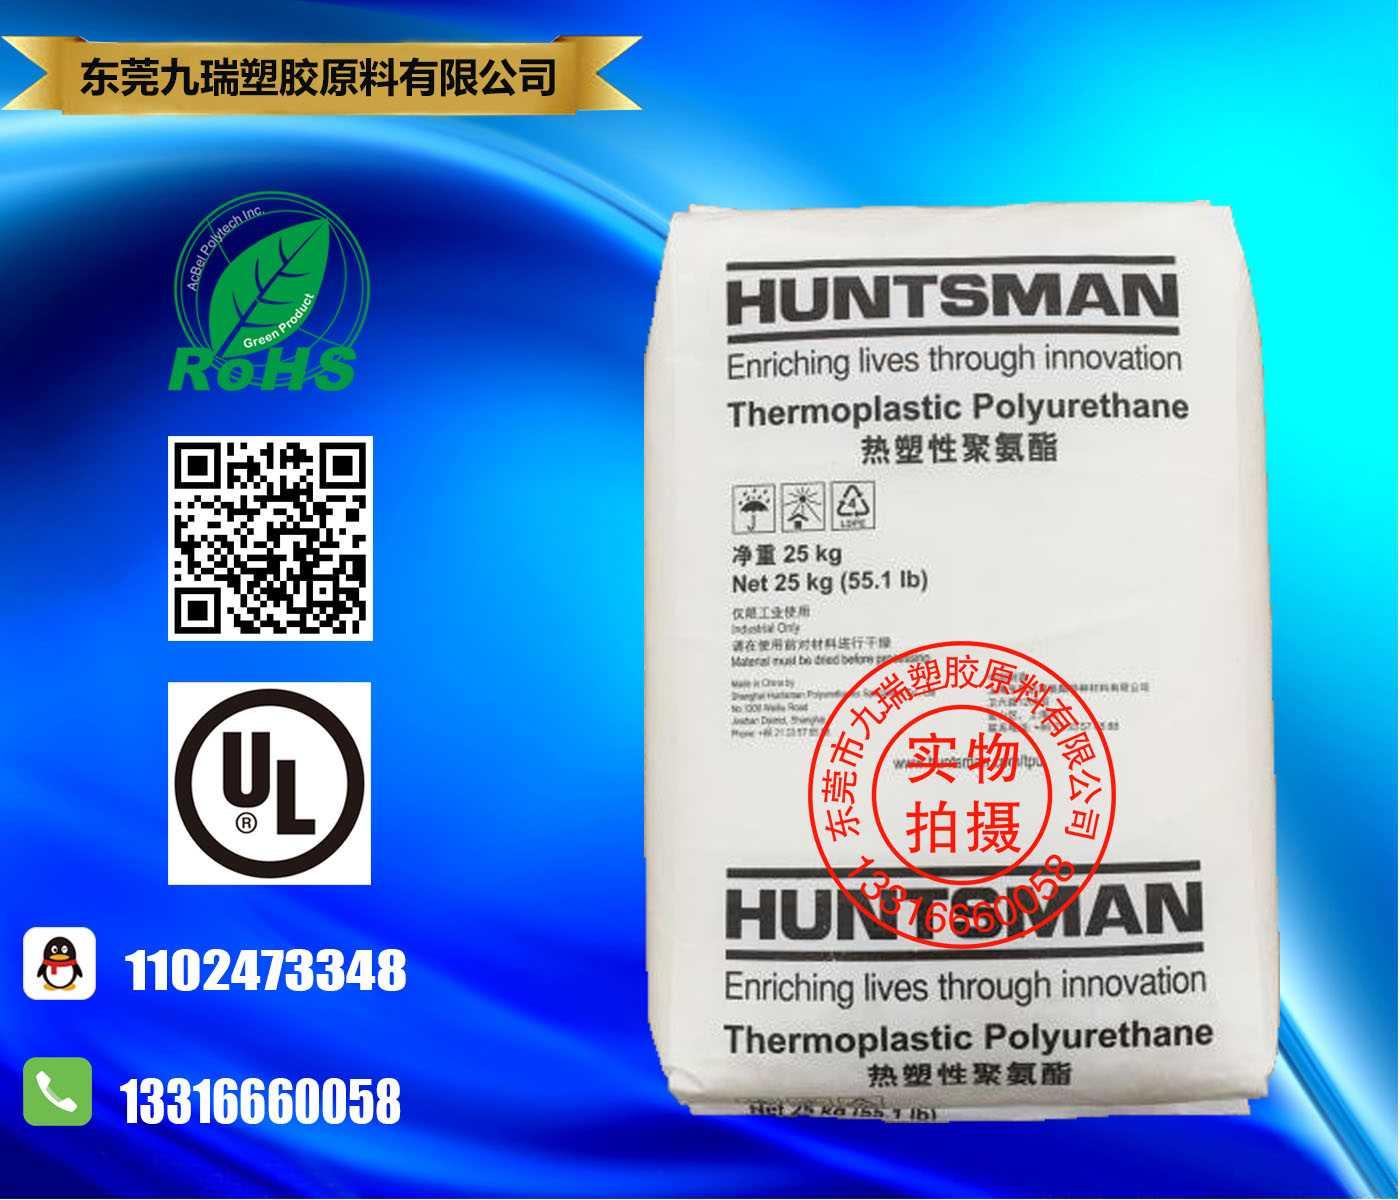 亨斯迈TPU IROSTIC S7614-08纺织粘合剂专用聚氨酯